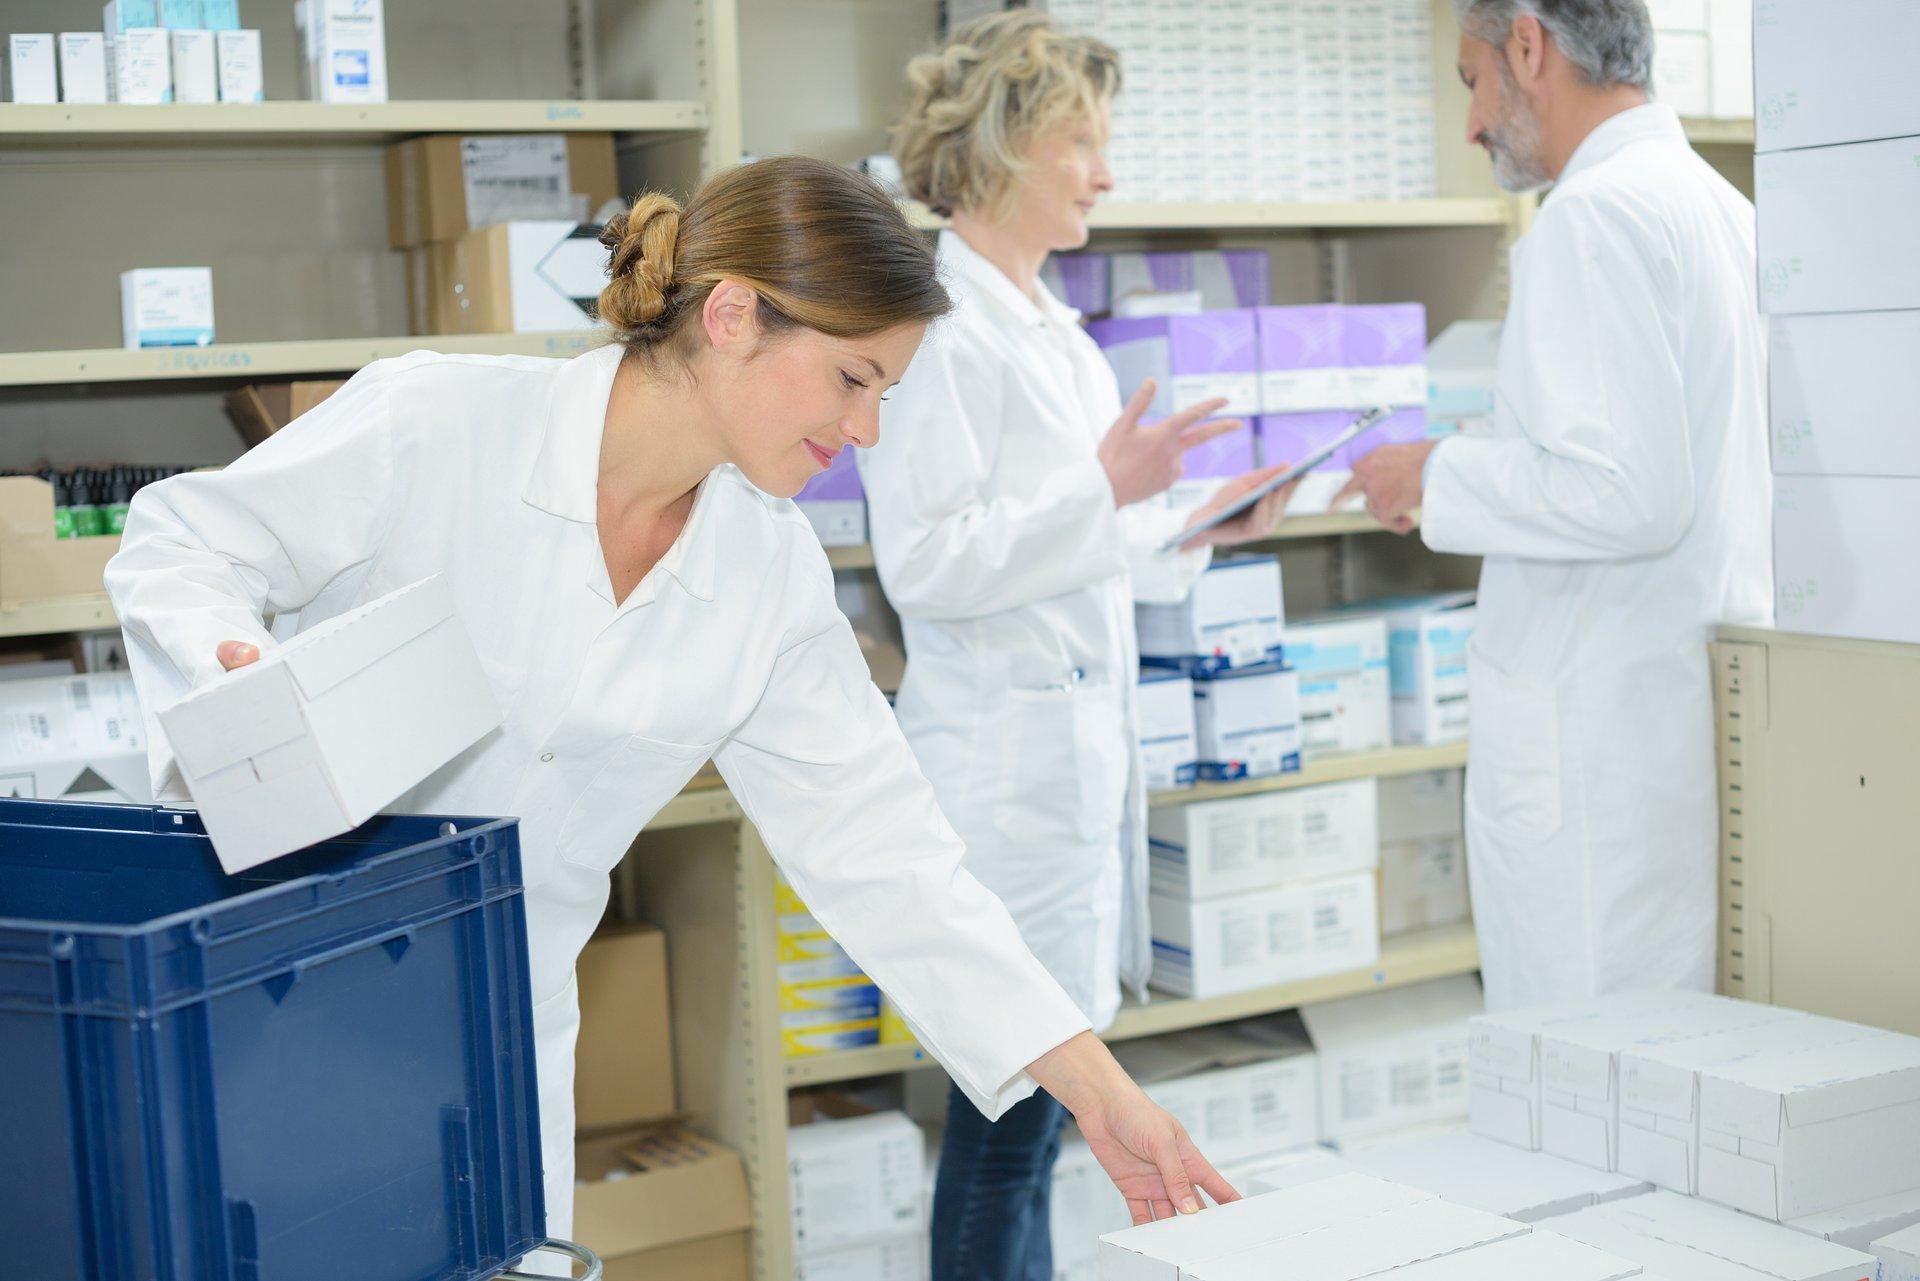 Ustawa ureguluje uzyskiwanie kwalifikacji zawodowych techników farmaceutycznych